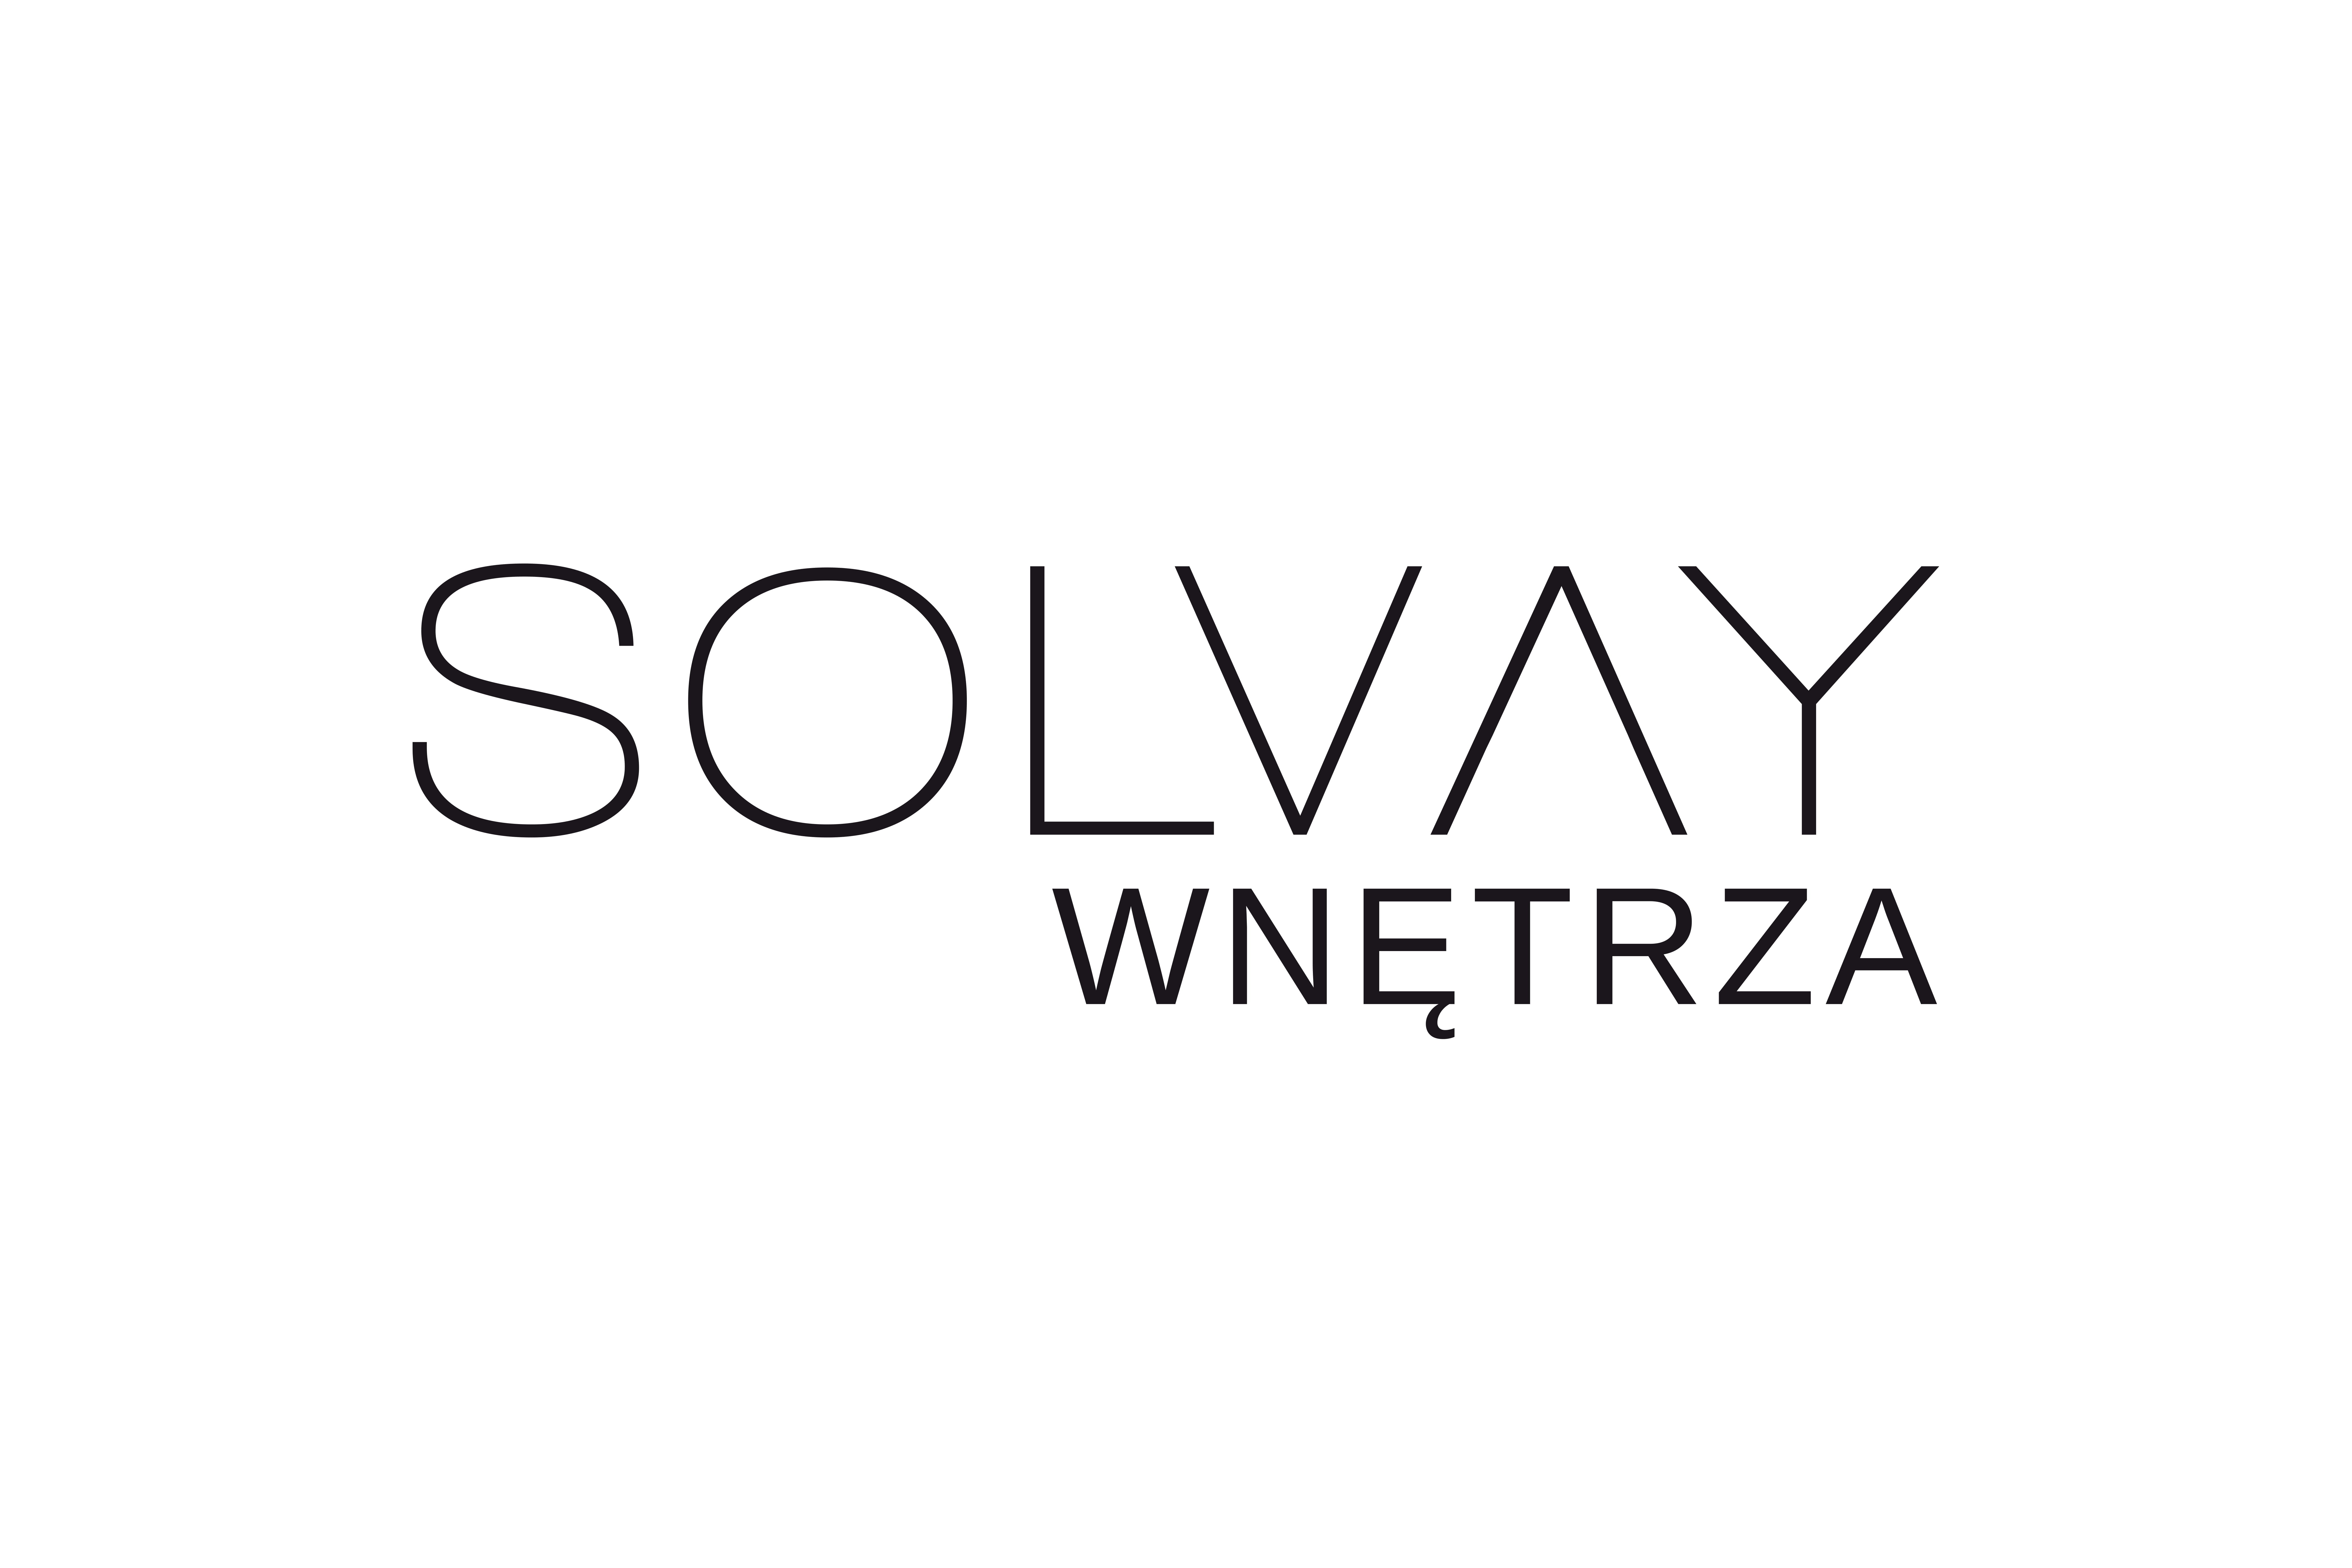 Solvay Wnętrza